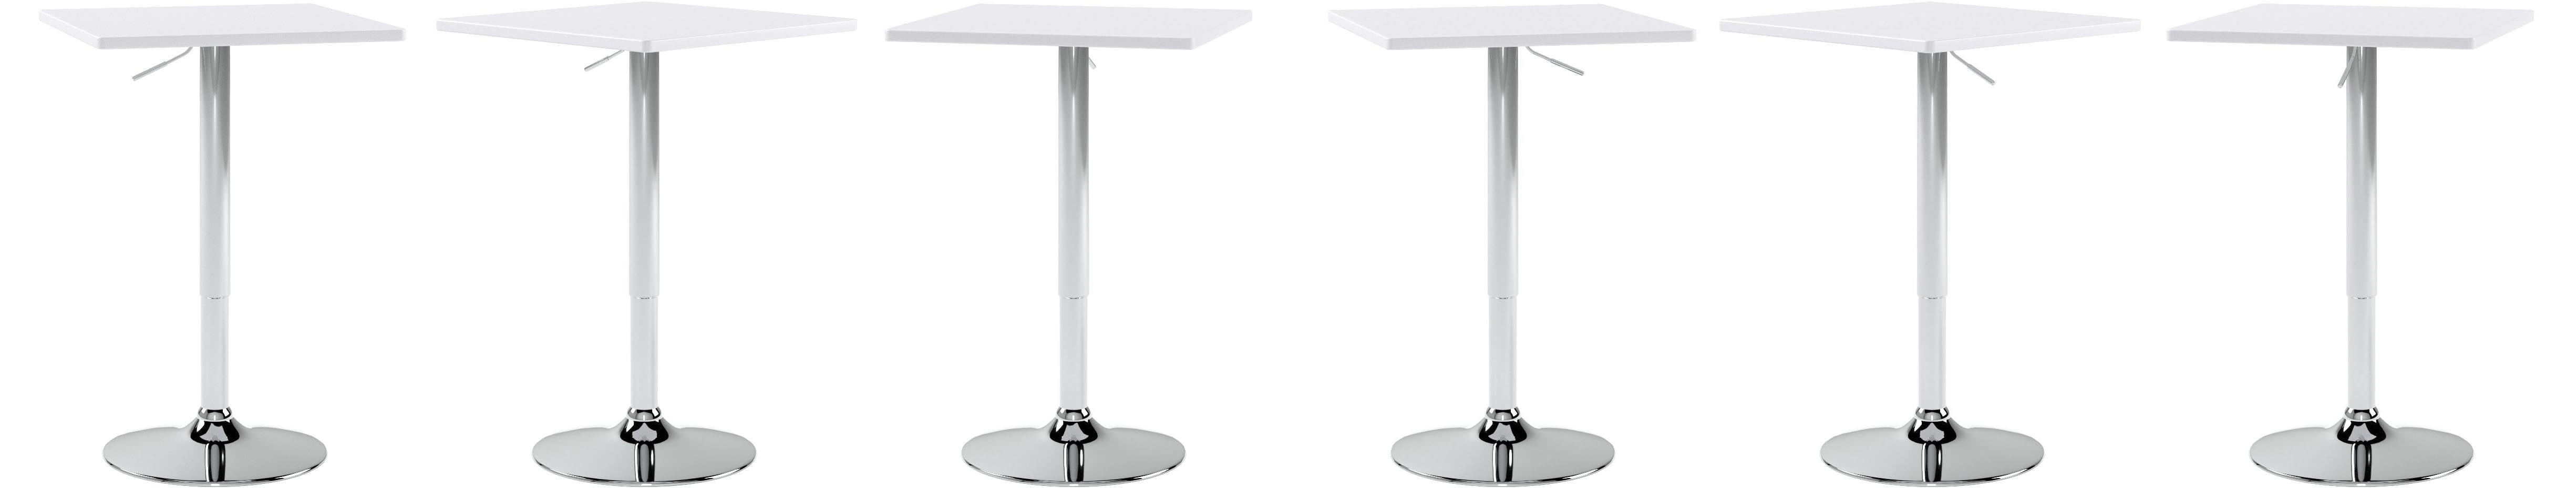 eSituro SBST122 12 x Bartisch Esstisch Küchentisch Stehtisch,  höhenverstellbar & 12° drehbar, Tischplatte 12x12 cm, Weiss